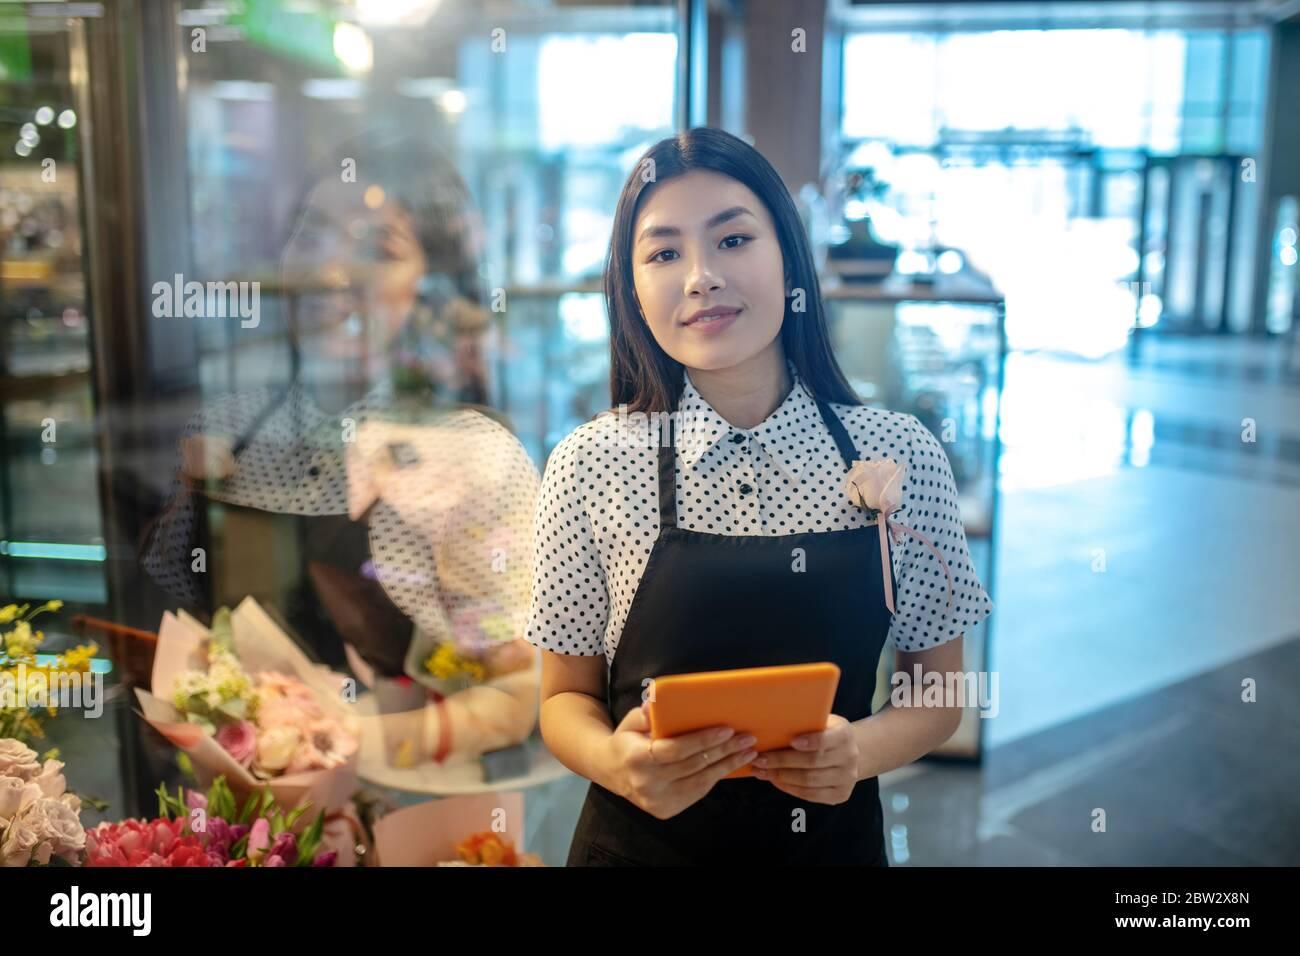 Brunette femme en tablier debout devant les fleurs, tenant sa tablette, souriant Banque D'Images